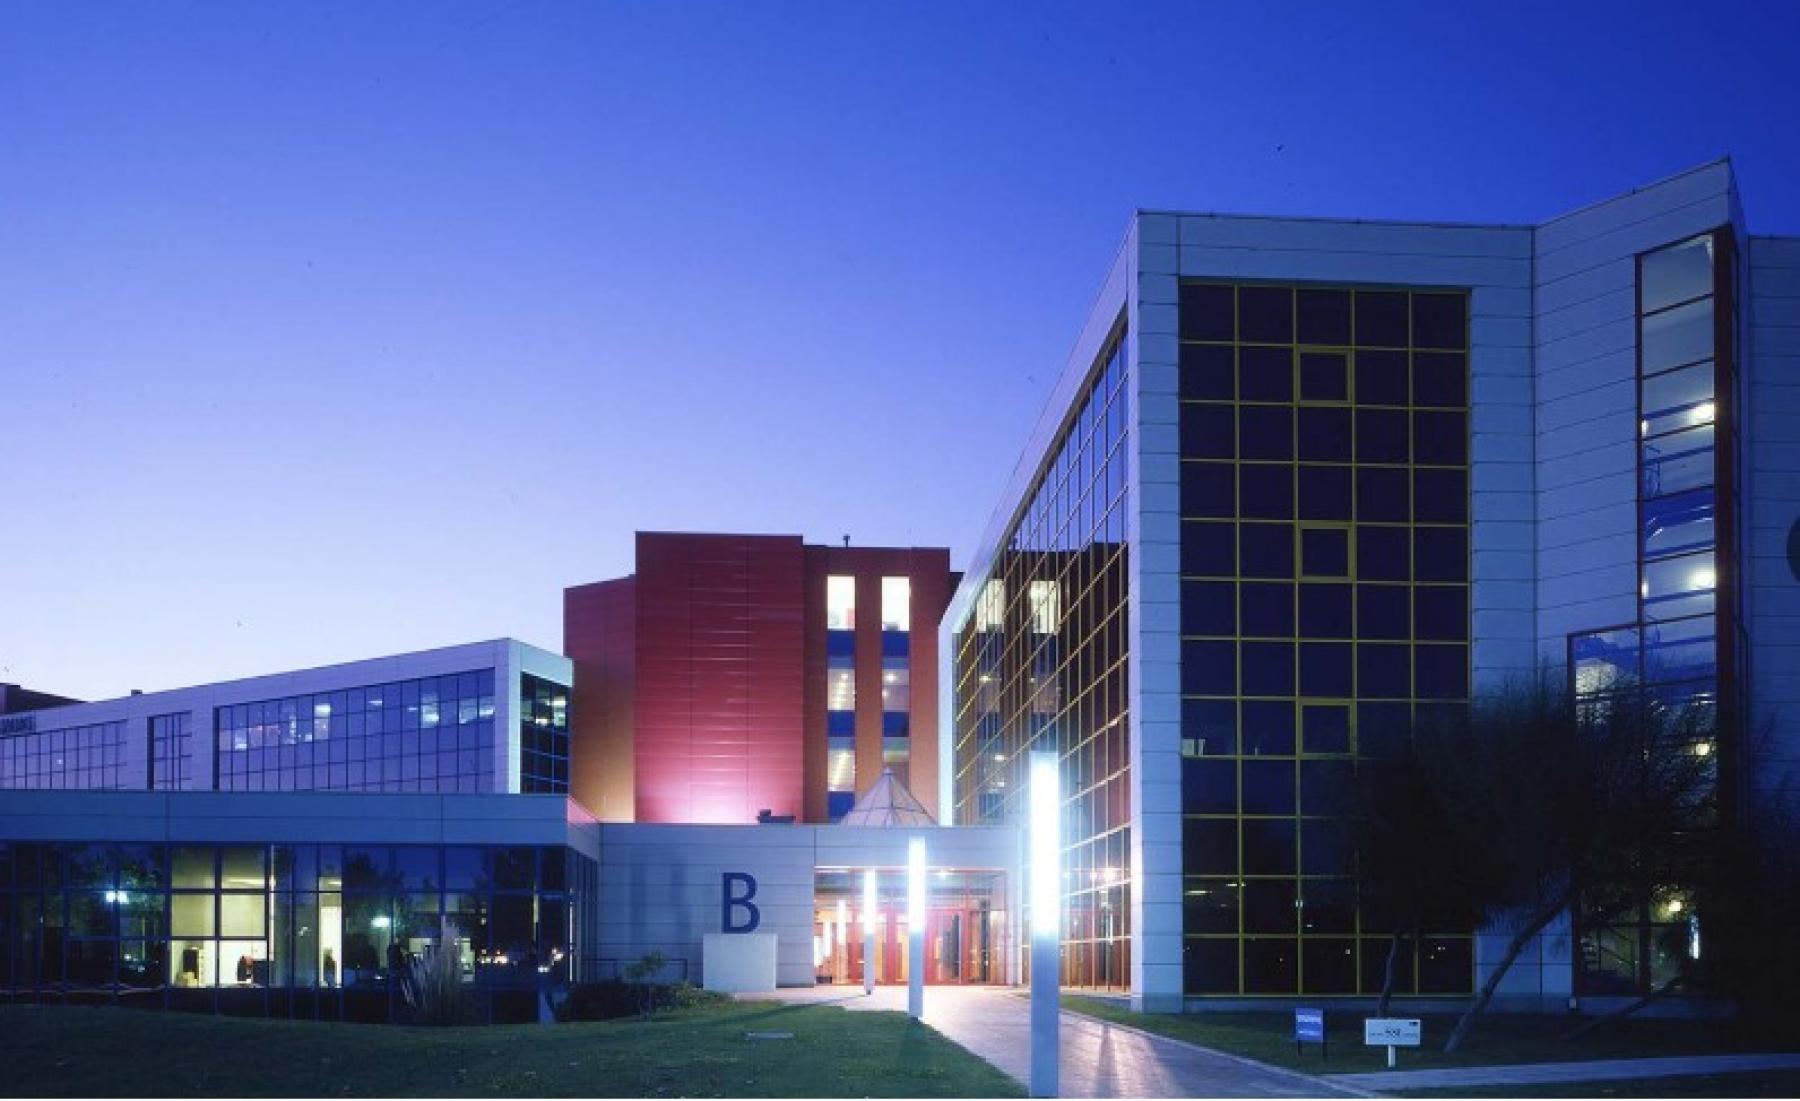 Una vista nocturna del edificio de oficinas en Muntadas I